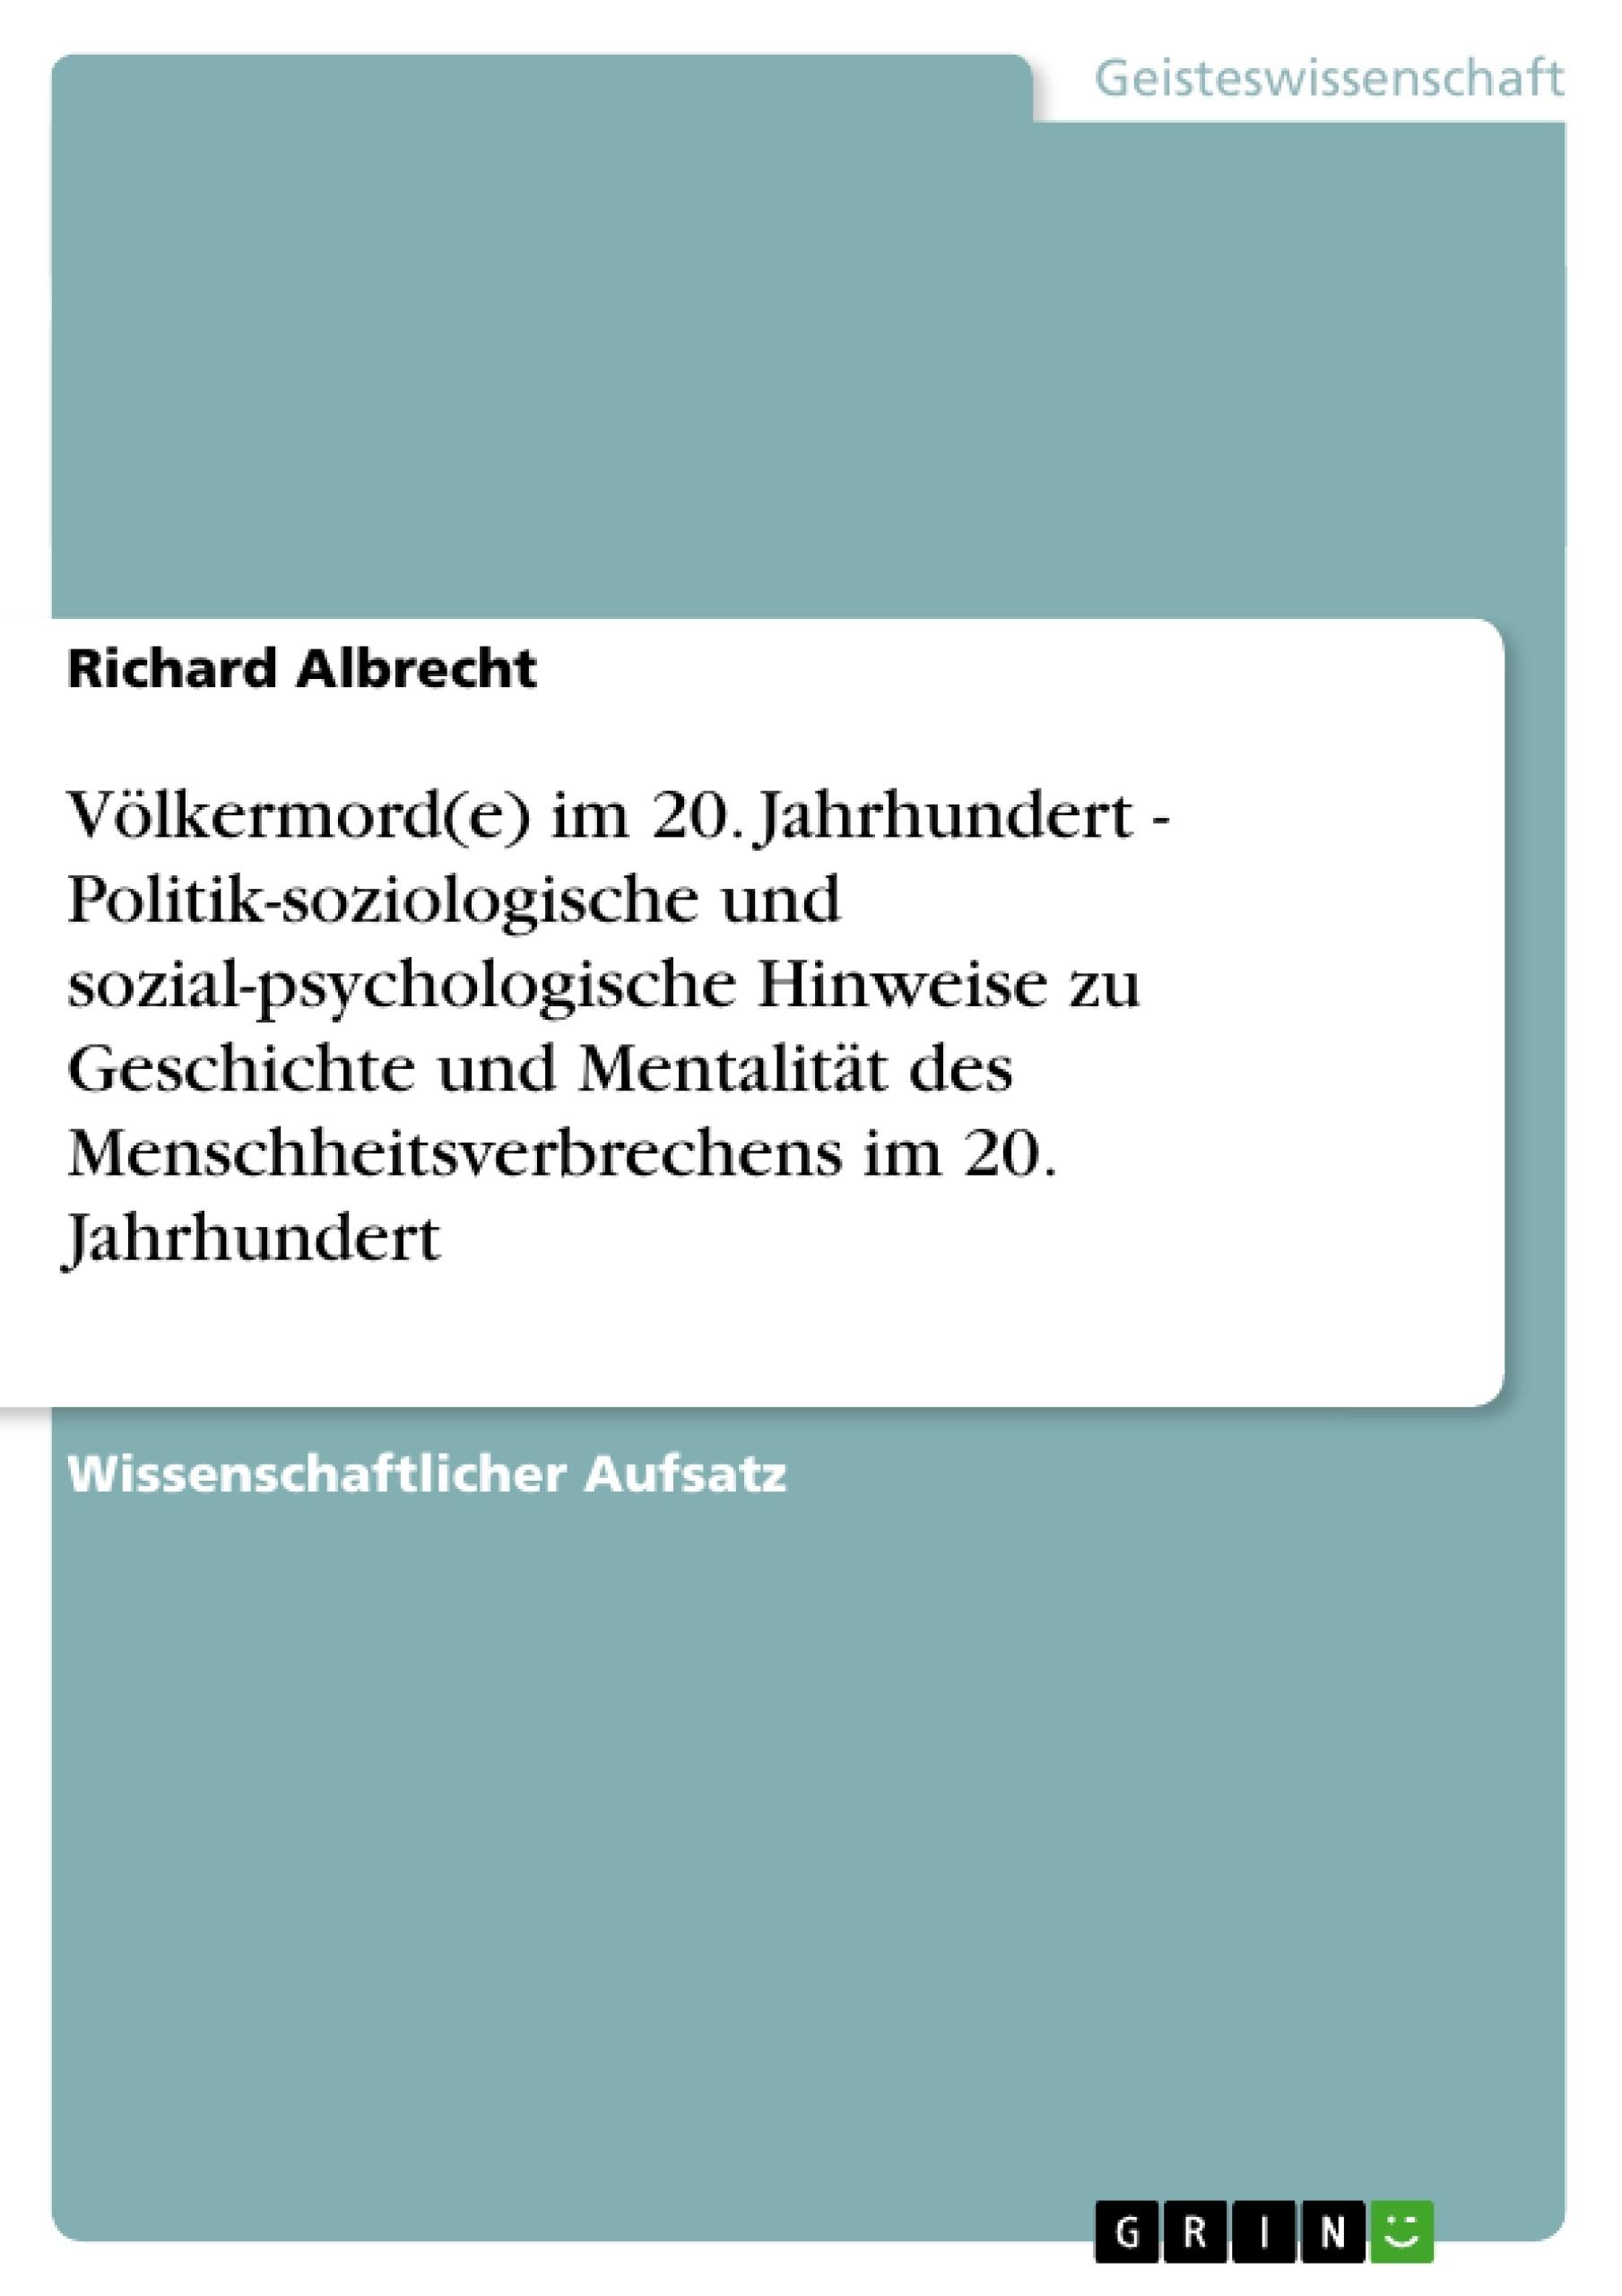 Titel: Völkermord(e) im 20. Jahrhundert -  Politik-soziologische und sozial-psychologische Hinweise zu Geschichte und  Mentalität des Menschheitsverbrechens im 20. Jahrhundert